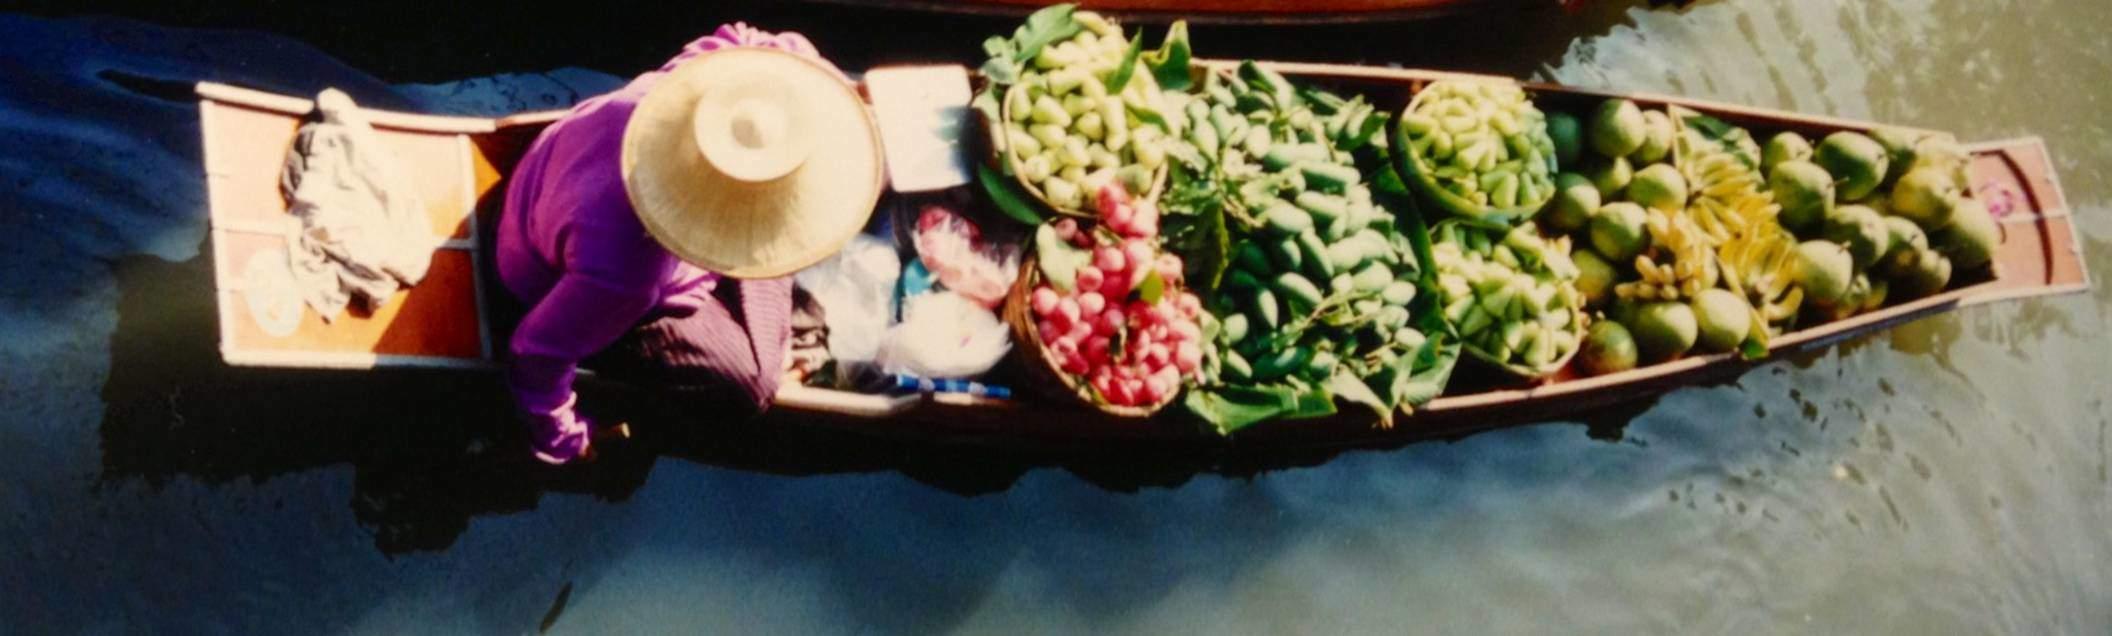 Bangkok'a bir saat uzaklıktaki Yüzen Pazar Yeri (Floating Market) Damnoen Saduak, çok ünlü bir köylü pazarı. Çoğunluğu kadın olan satıcılar yetiştirdikleri meyva ve sebzeleri, bazen de pişirdikleri yemekleri, ince uzun kayıklarda satıyorlar.